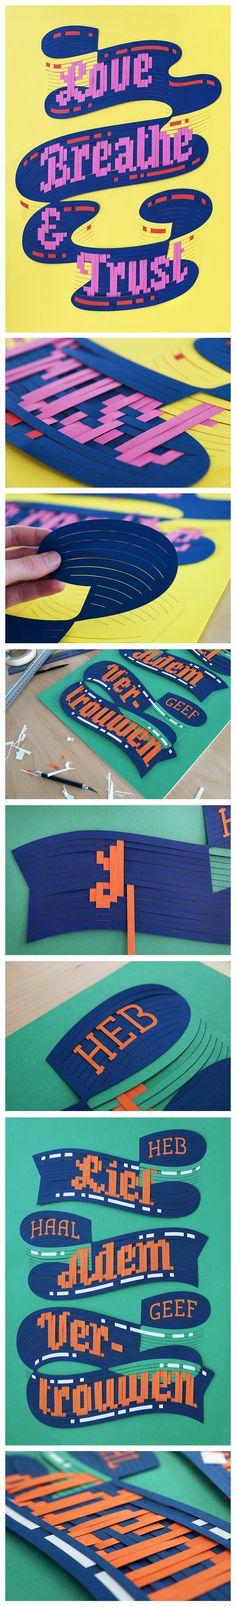 Typo Poster, Papercut http://bartvollebregt.com/projects/lbt